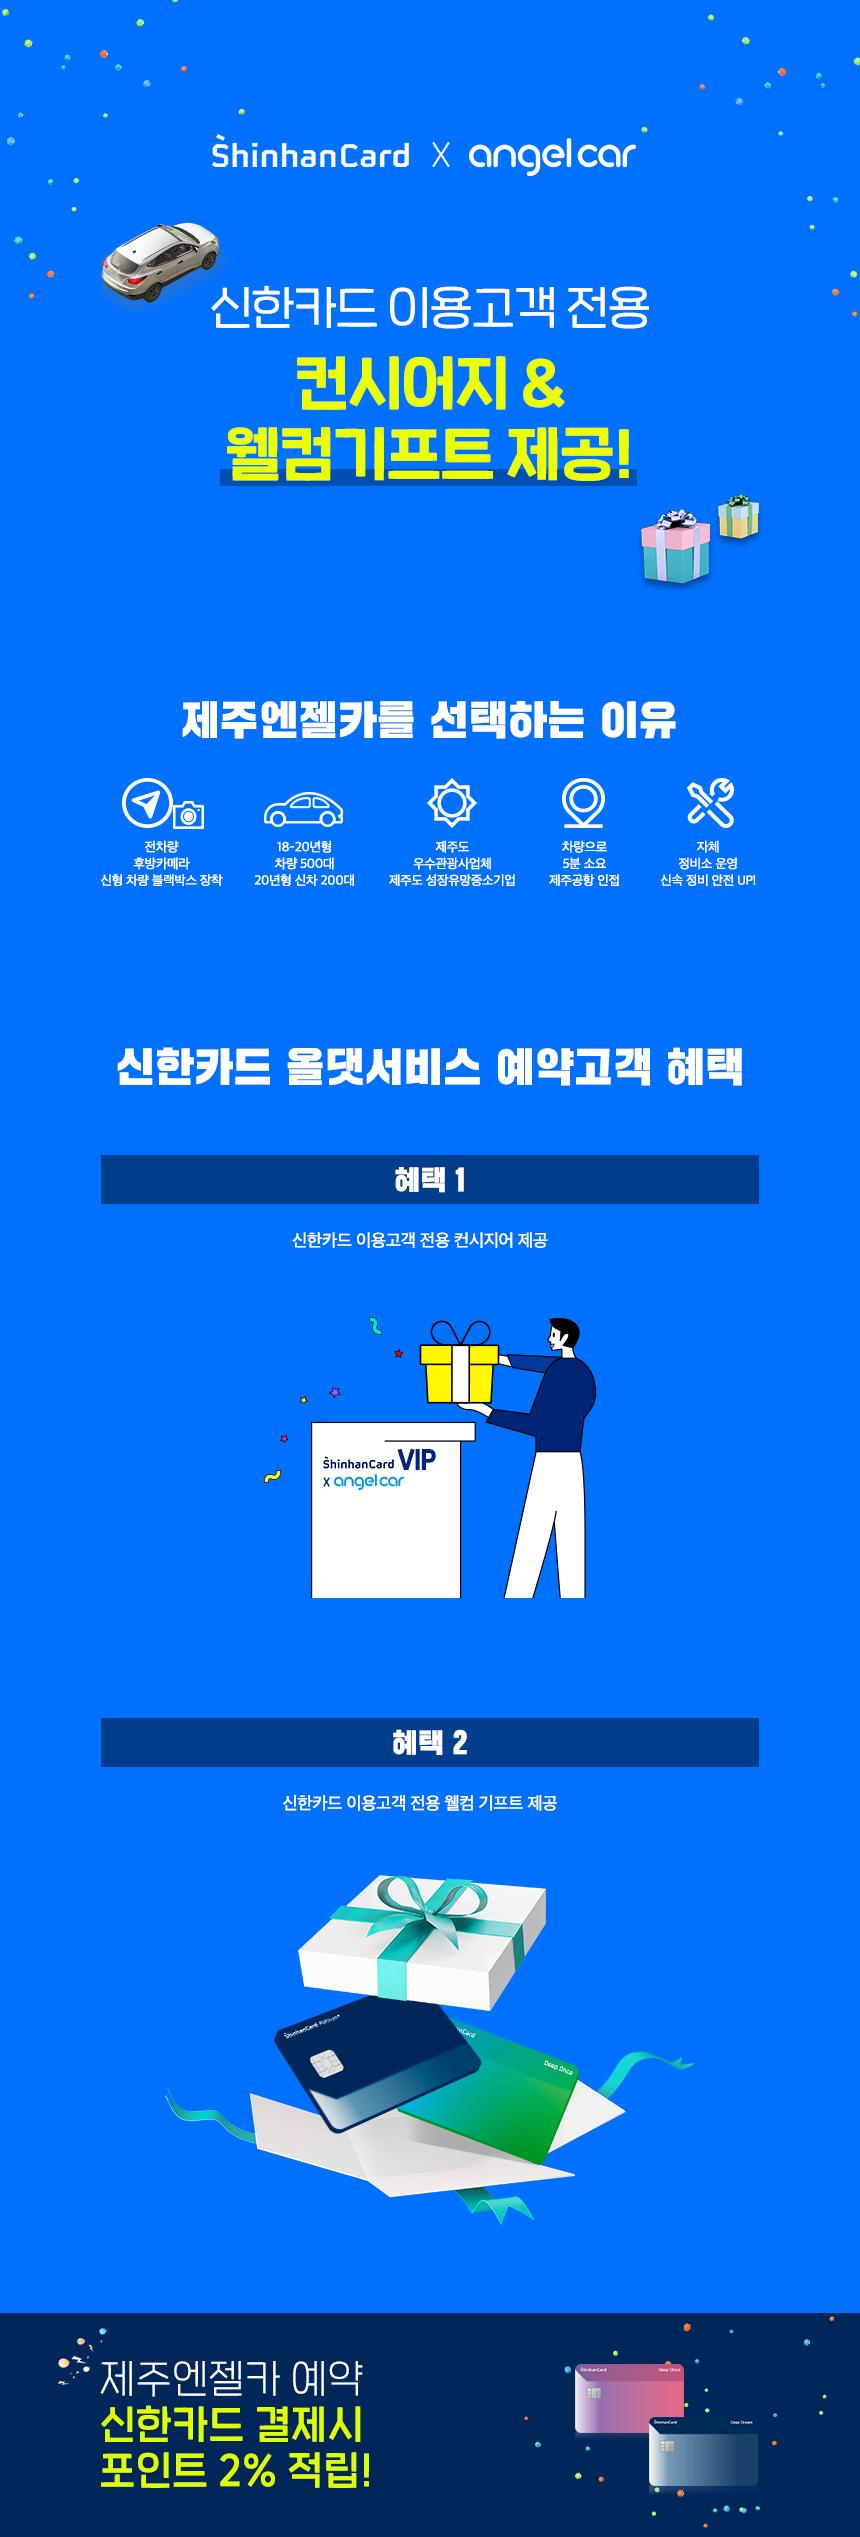 200701_제주엔젤카_상세페이지_신한카드_01.jpg